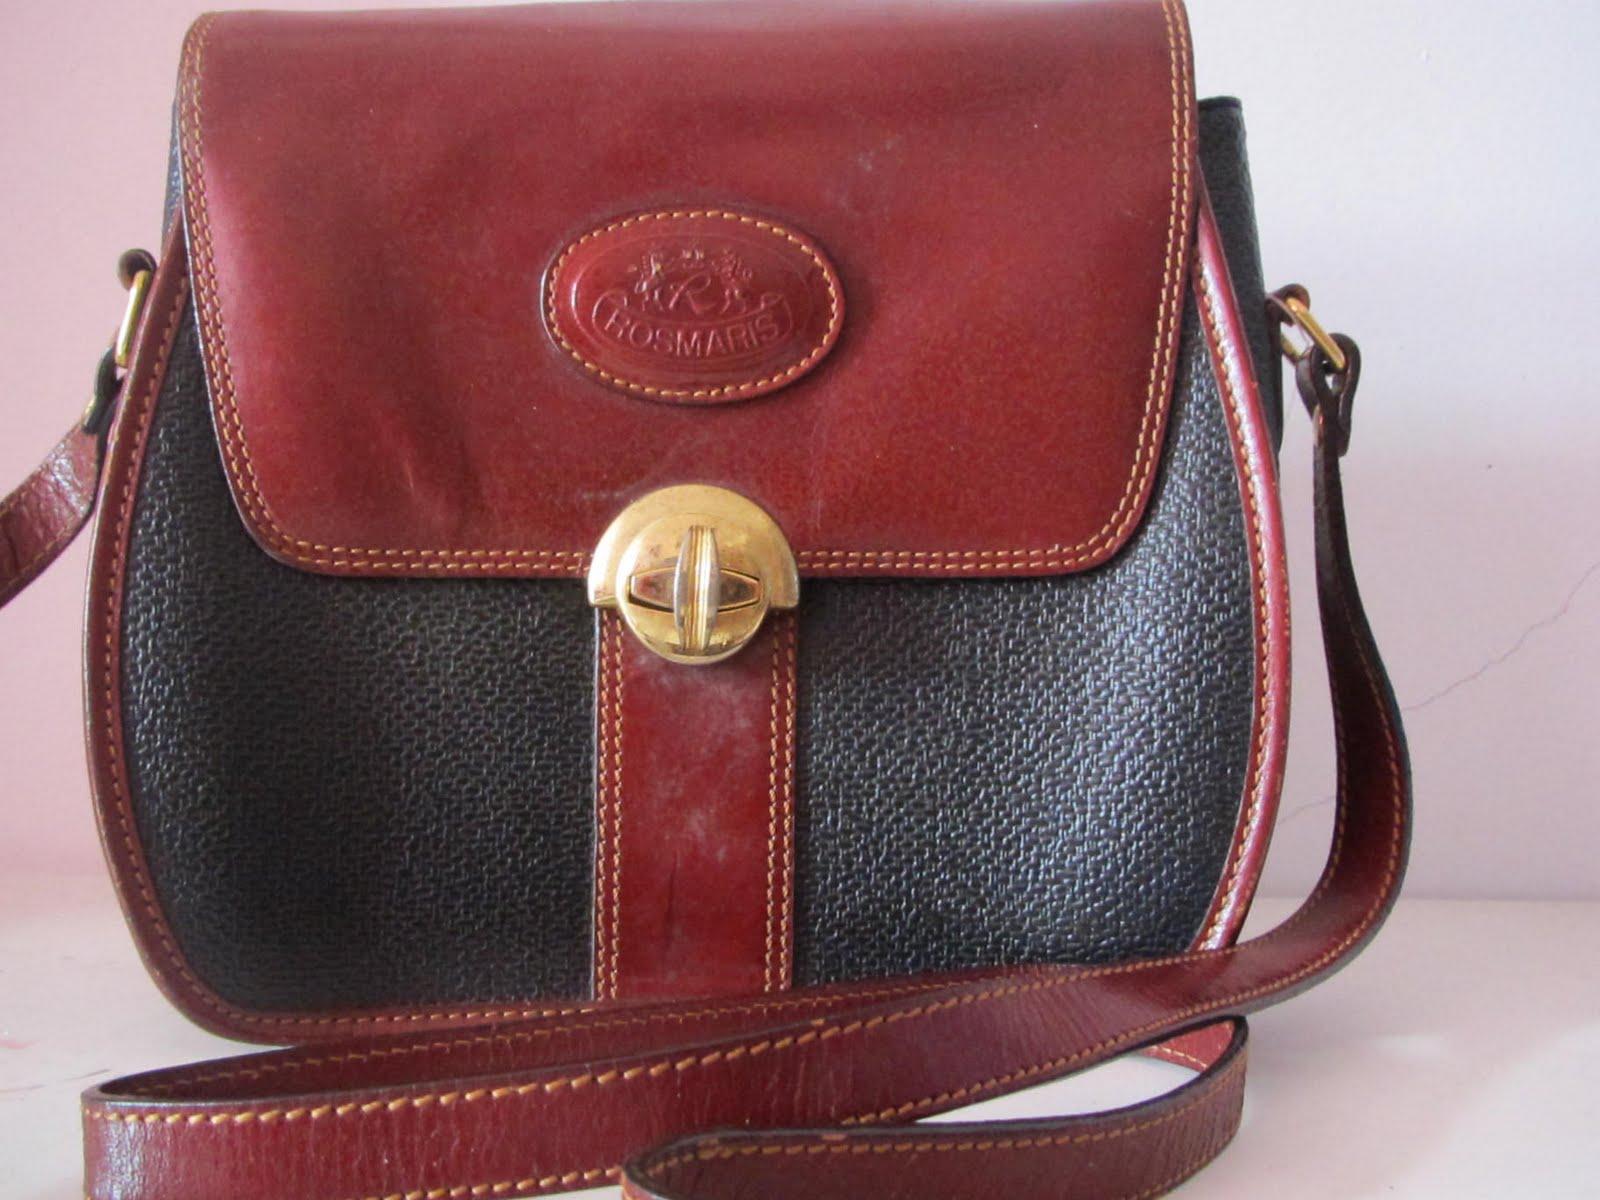 59c473fff095 VINTAGE ROSMARIS FRANCE SLING BAG (SOLD). This is Original Rosmaris Vintage  Sling Handbag